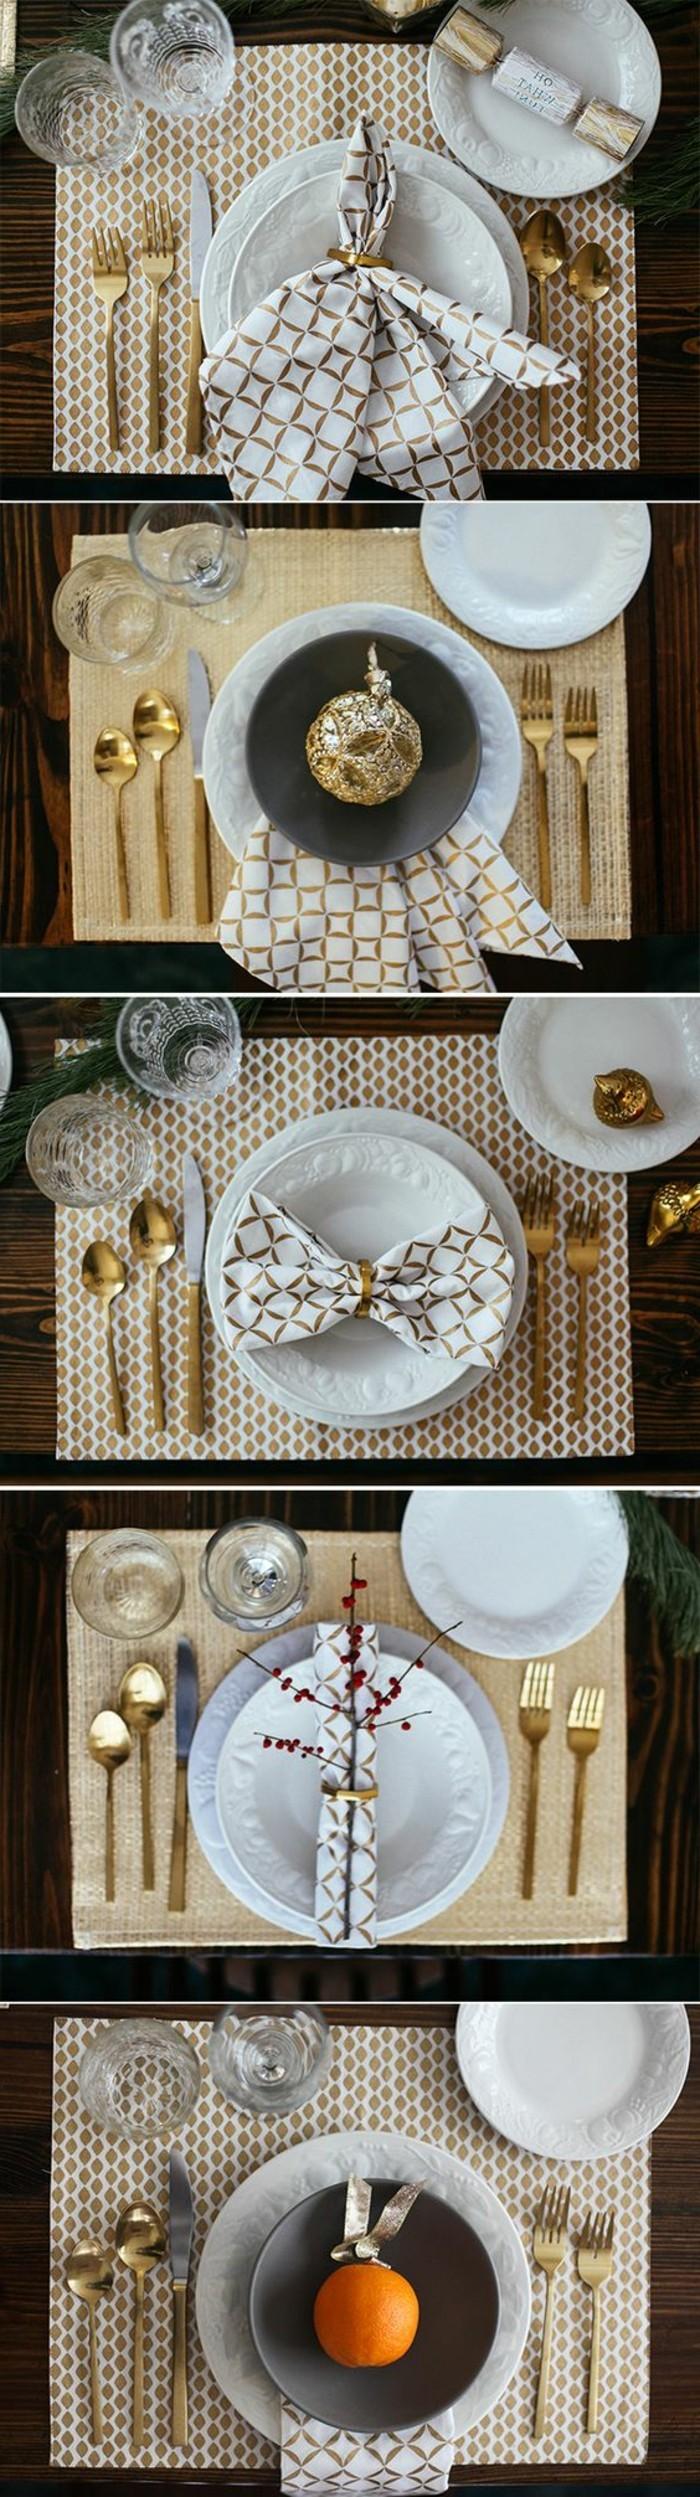 11-weihnachtsdeko-selber-machen-weise-goldgemusterte-servietten-goldener-kugel-goldene-loffeln-und-gabeln